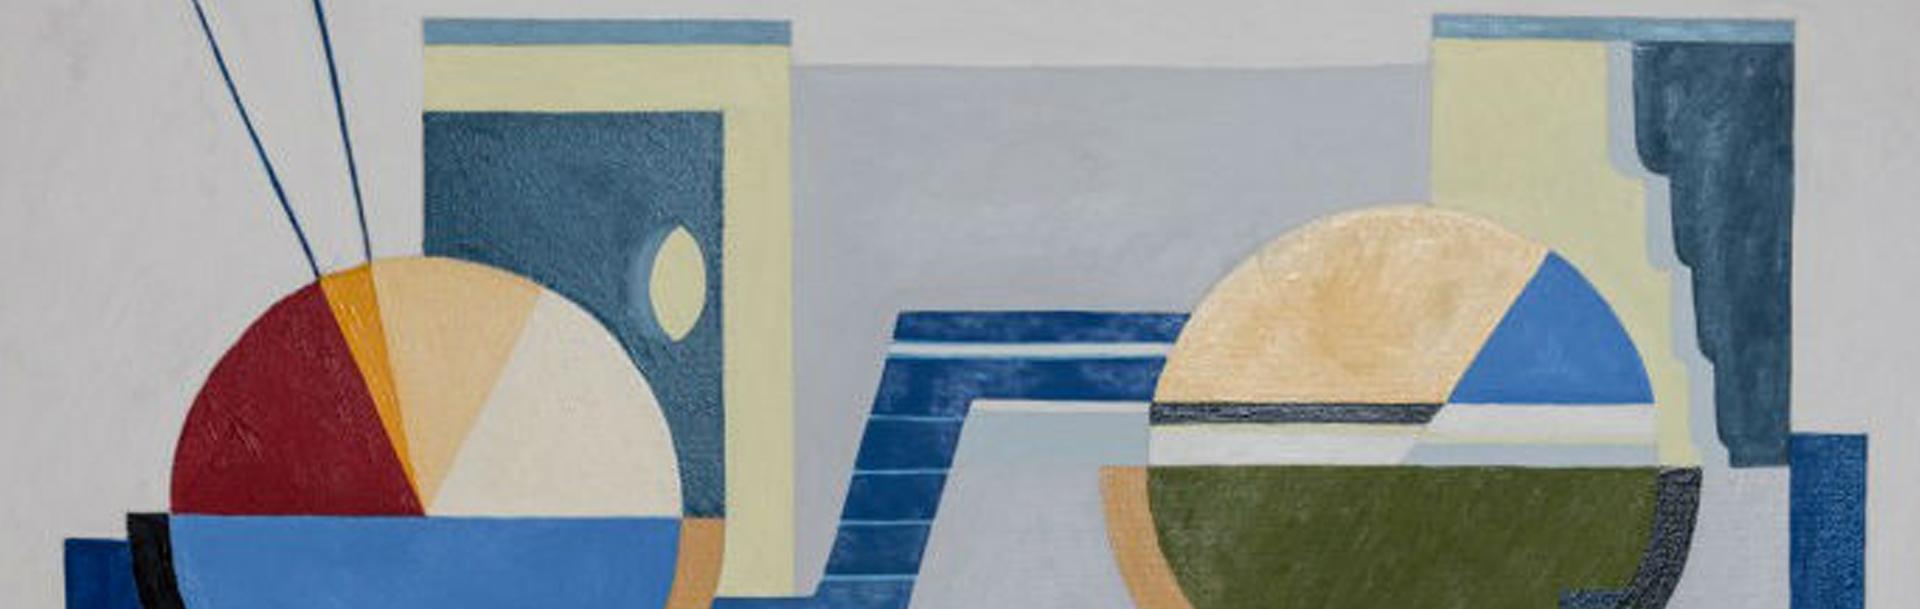 Le opere di Franco Cappelli in una mostra alla San Giorgio ... 5f88ca05ece3